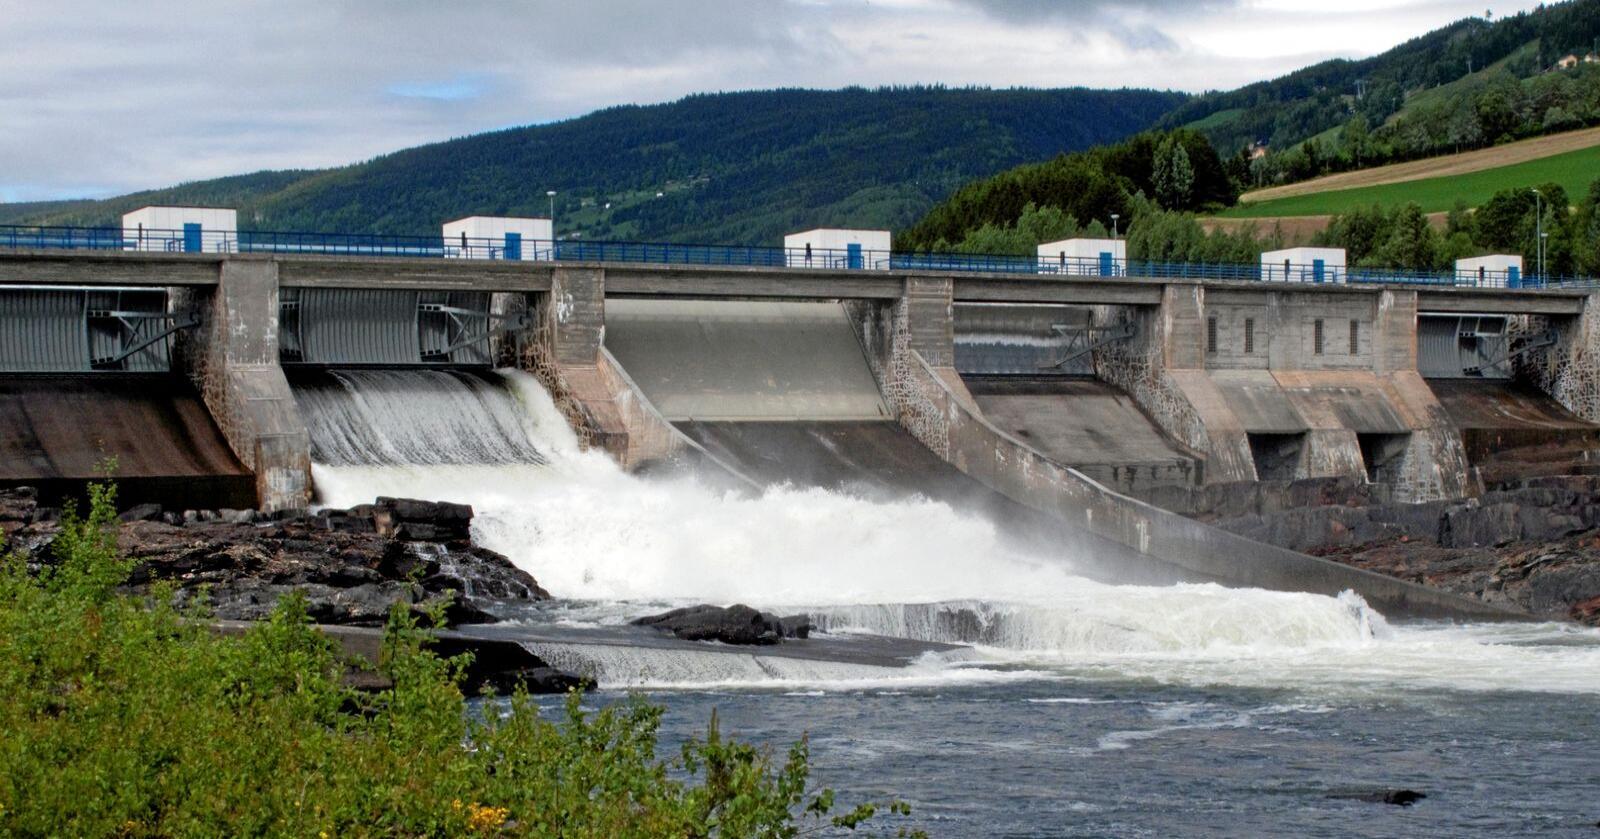 Kraftskatt: Et utvalg har foreslått å overføre kraftinntekter for fire milliarder kroner fra kommunene til staten. Foto: Paul Kleiven / NTB scanpix